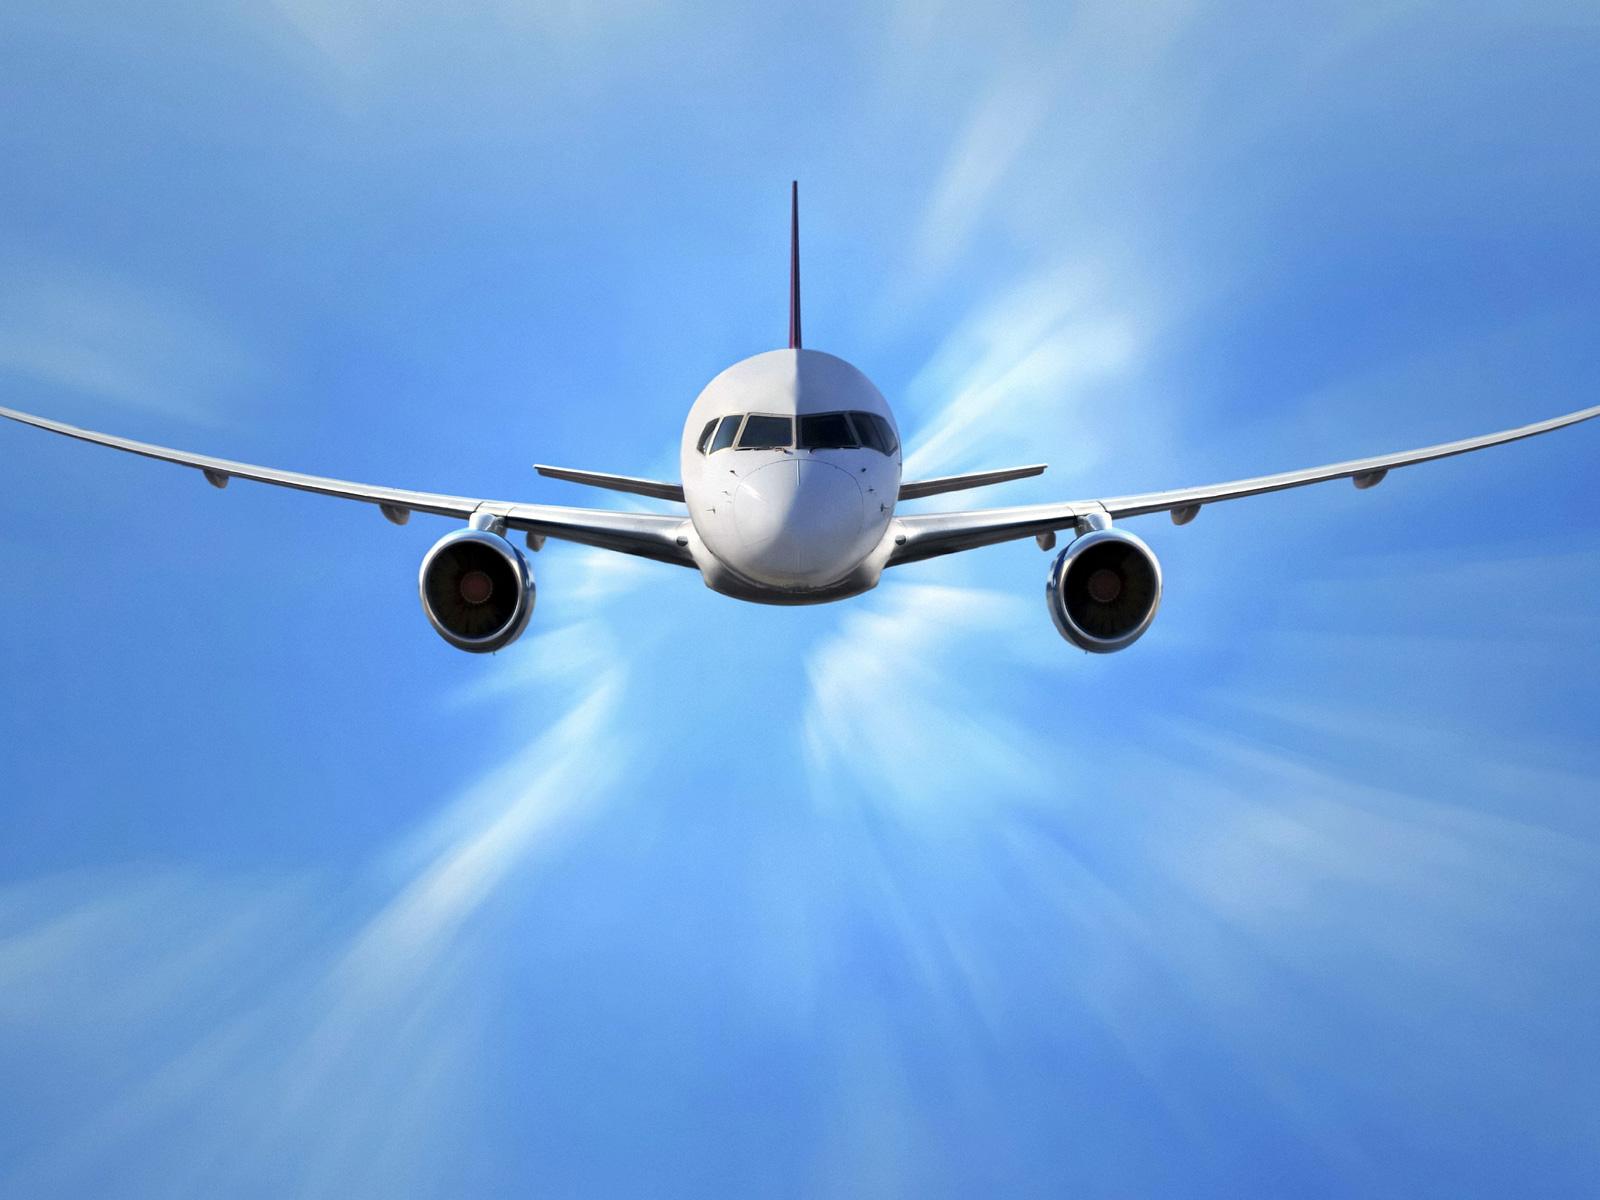 купить билет на самолет сеул владивосток